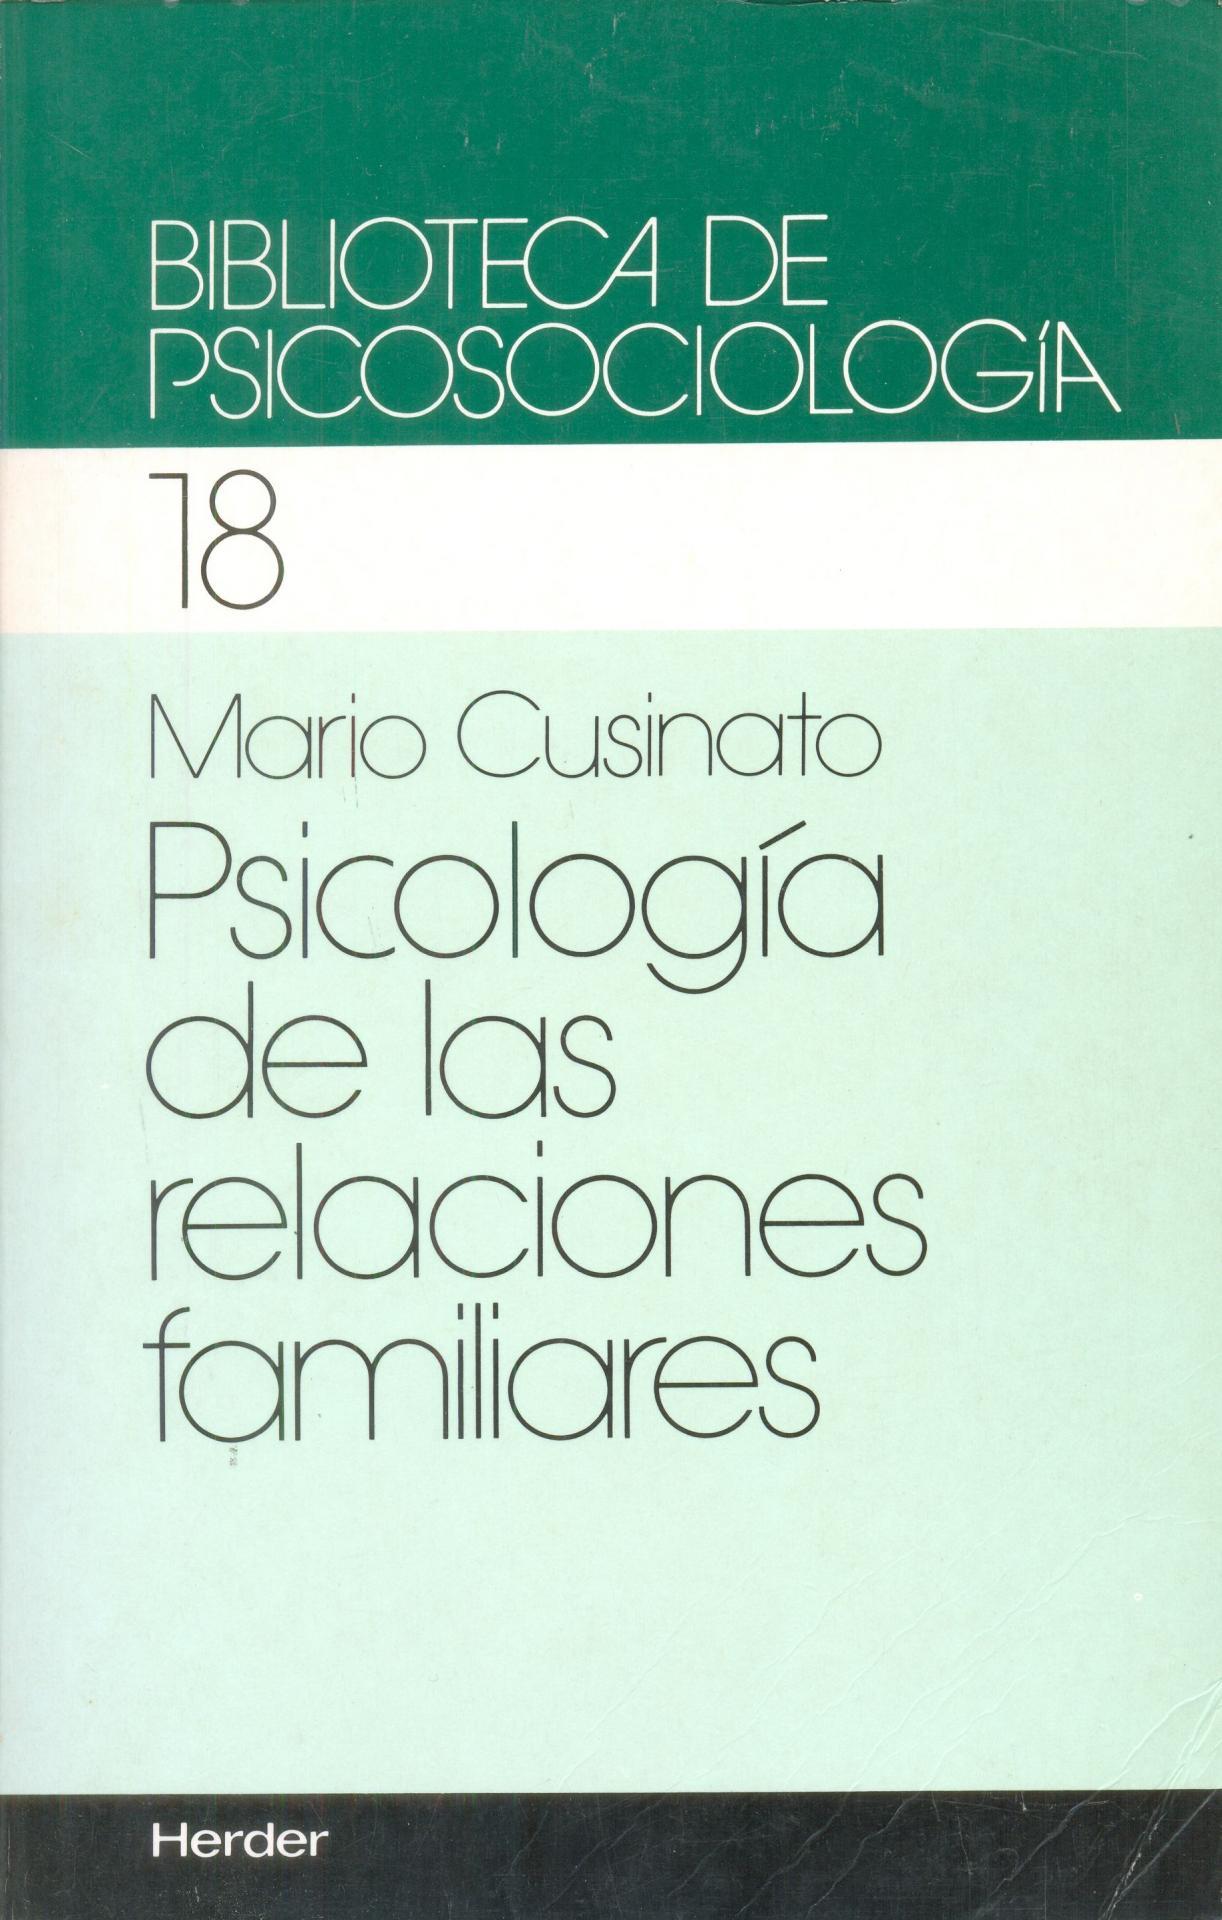 PSICOLOGÍA DE LAS RELACIONES FAMILIARES. Cusinato, M.